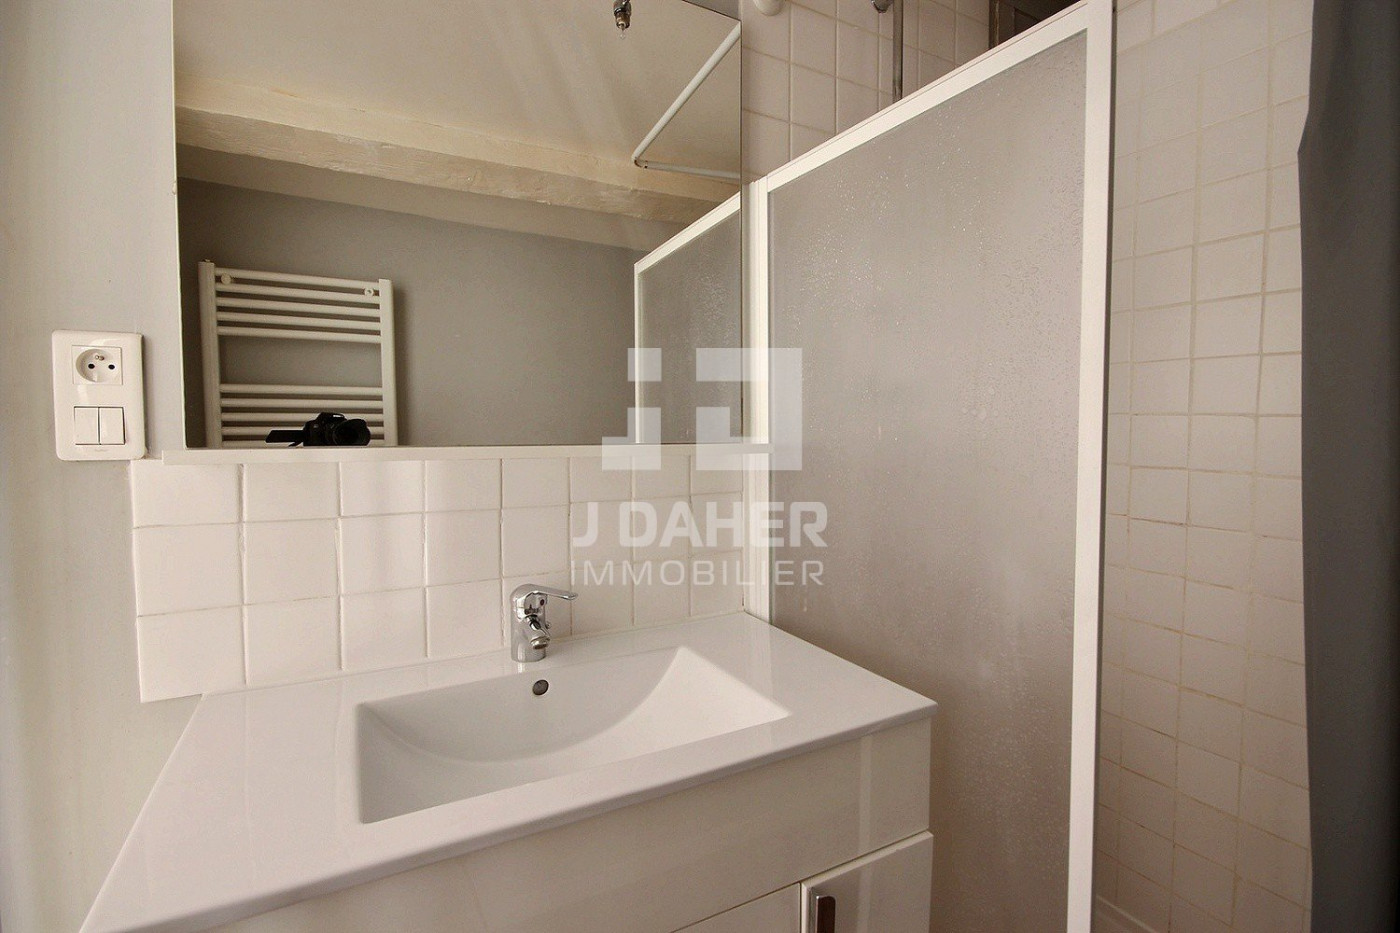 A vendre Marseille 6eme Arrondissement 13025899 J daher immobilier